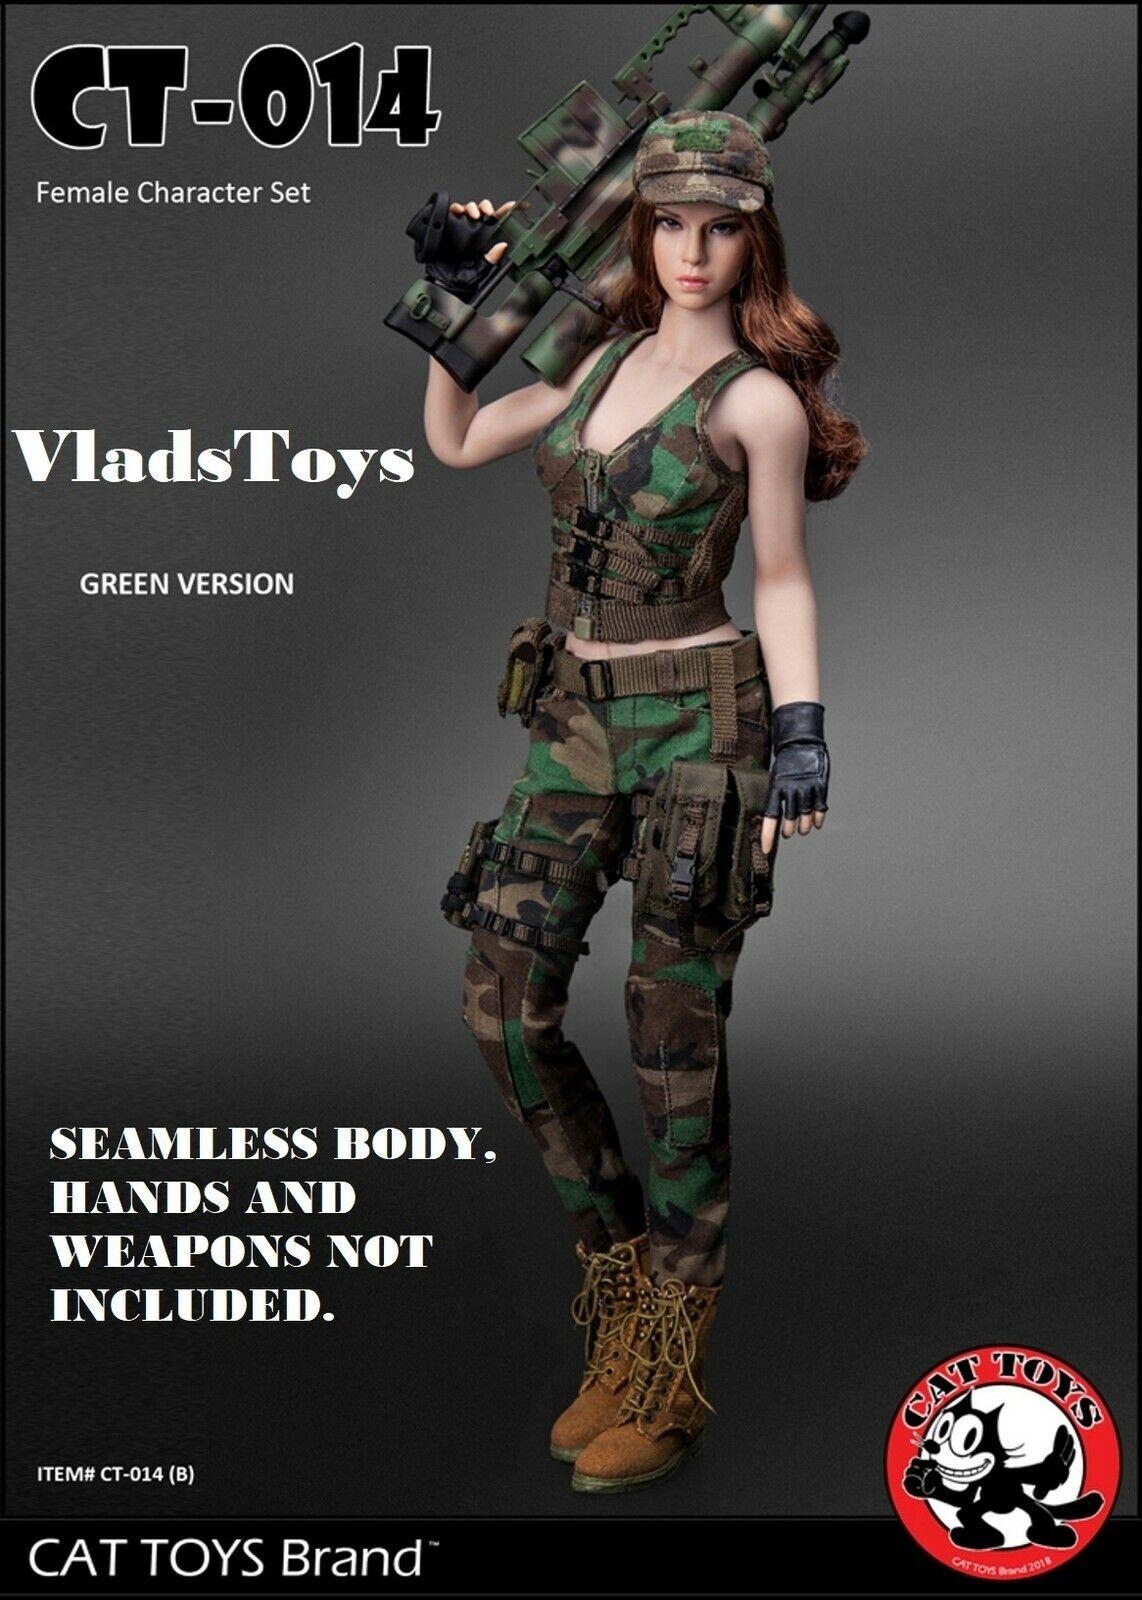 Cat Toys 1 6 Militare Femmina Personaggio Set Accessori B green Bosco Camo 014b